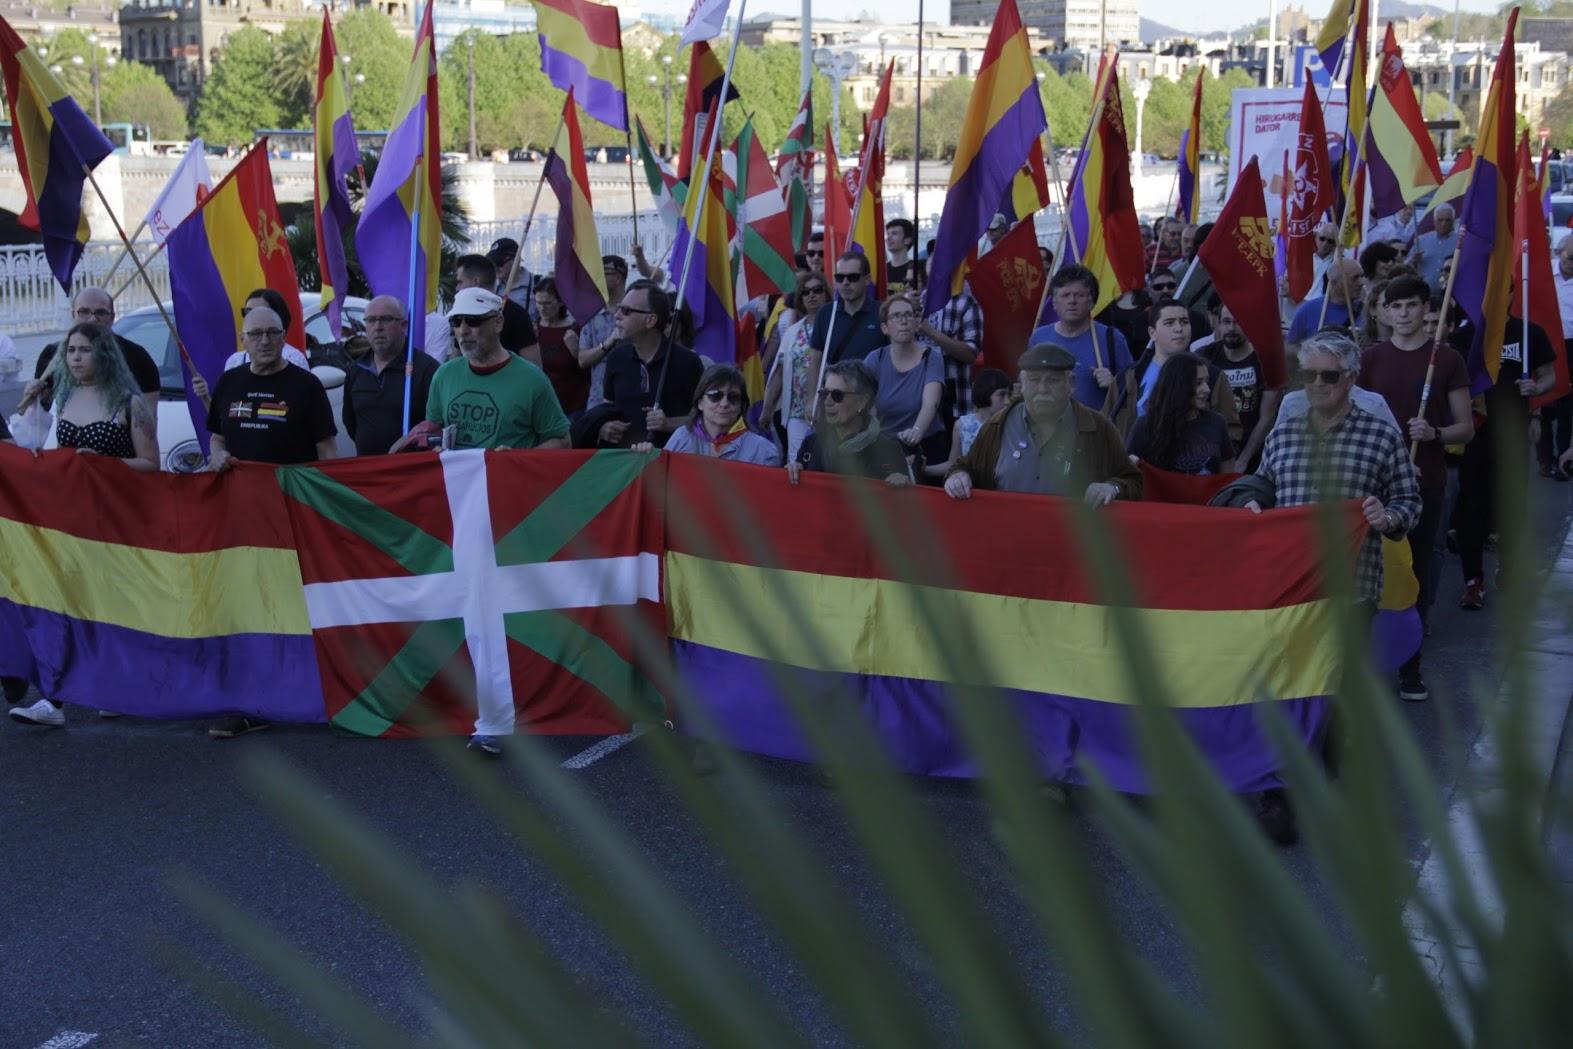 El Partido Comunista de Euskadi-EPK reivindica la III República ante la visita de los Reyes a Euskadi y pide que se investigue y procese a Juan Carlos De Borbón.